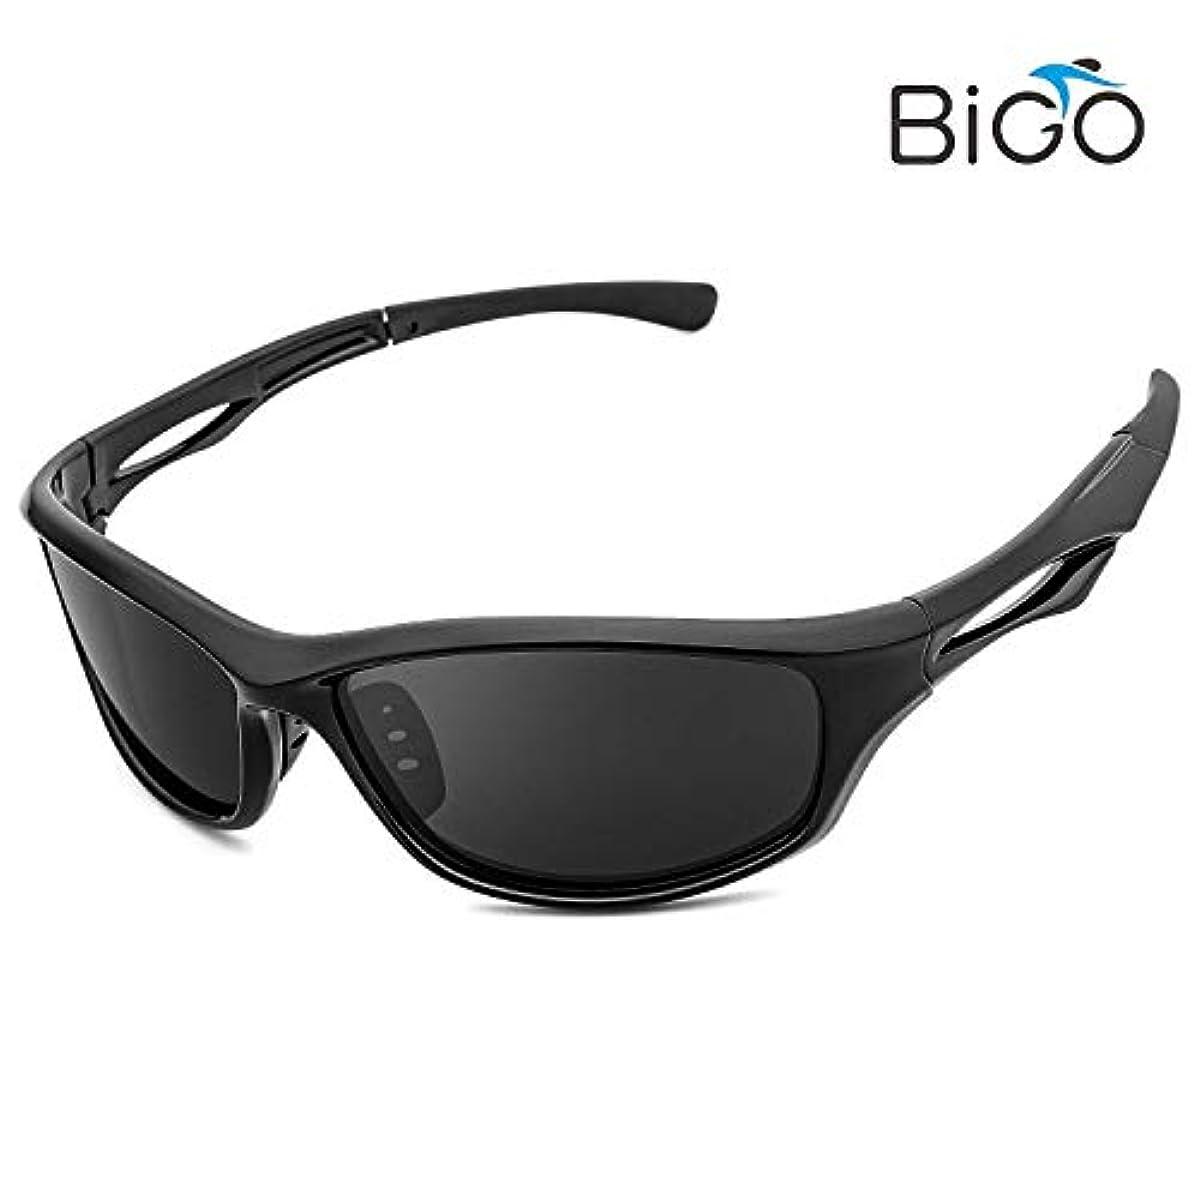 [해외] BIGO 스포츠 썬글라스 편광 렌즈 남녀 겸용 편광 썬글라스 초경량・UV400자외선 컷 낚시/런닝 /스노우보드/스키/자전거/드라이기이브/오토바이/테니스/운전용 수납 파우치 부속